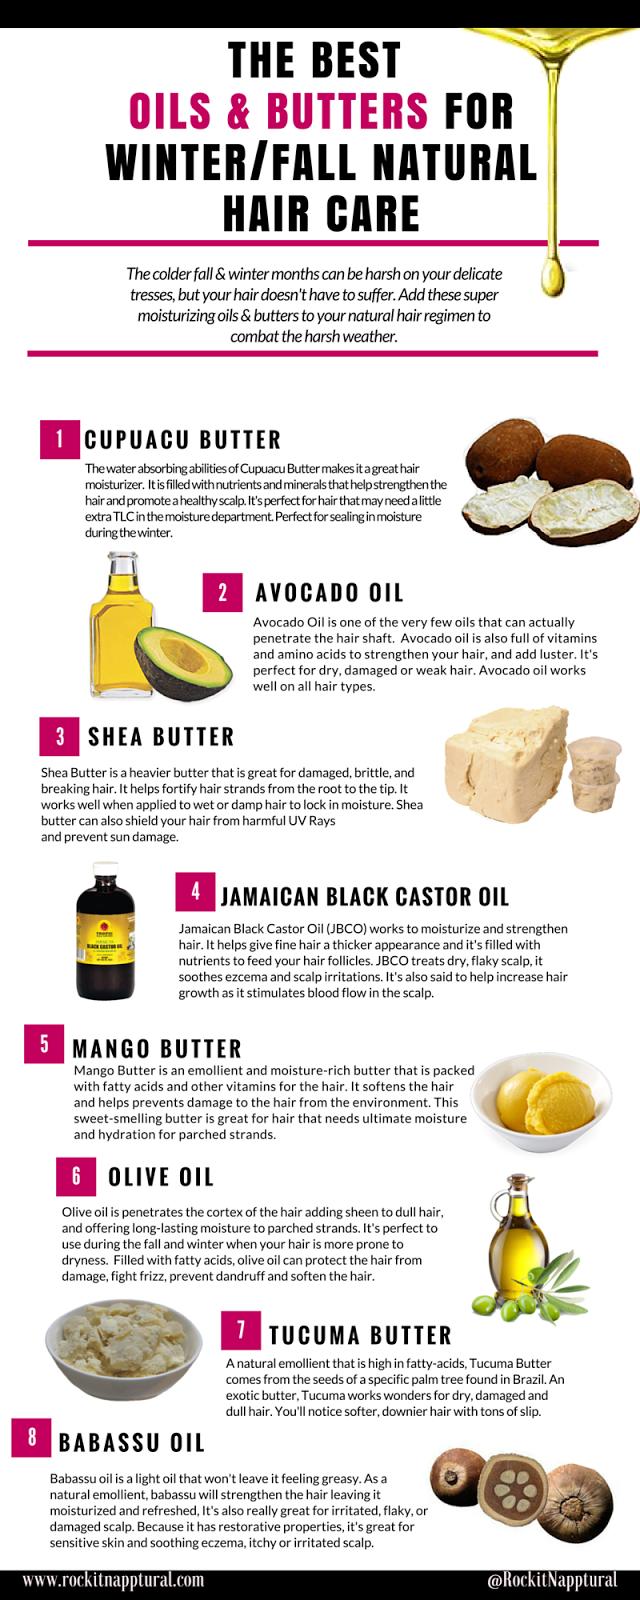 10 Best Ingredients for Black Hair